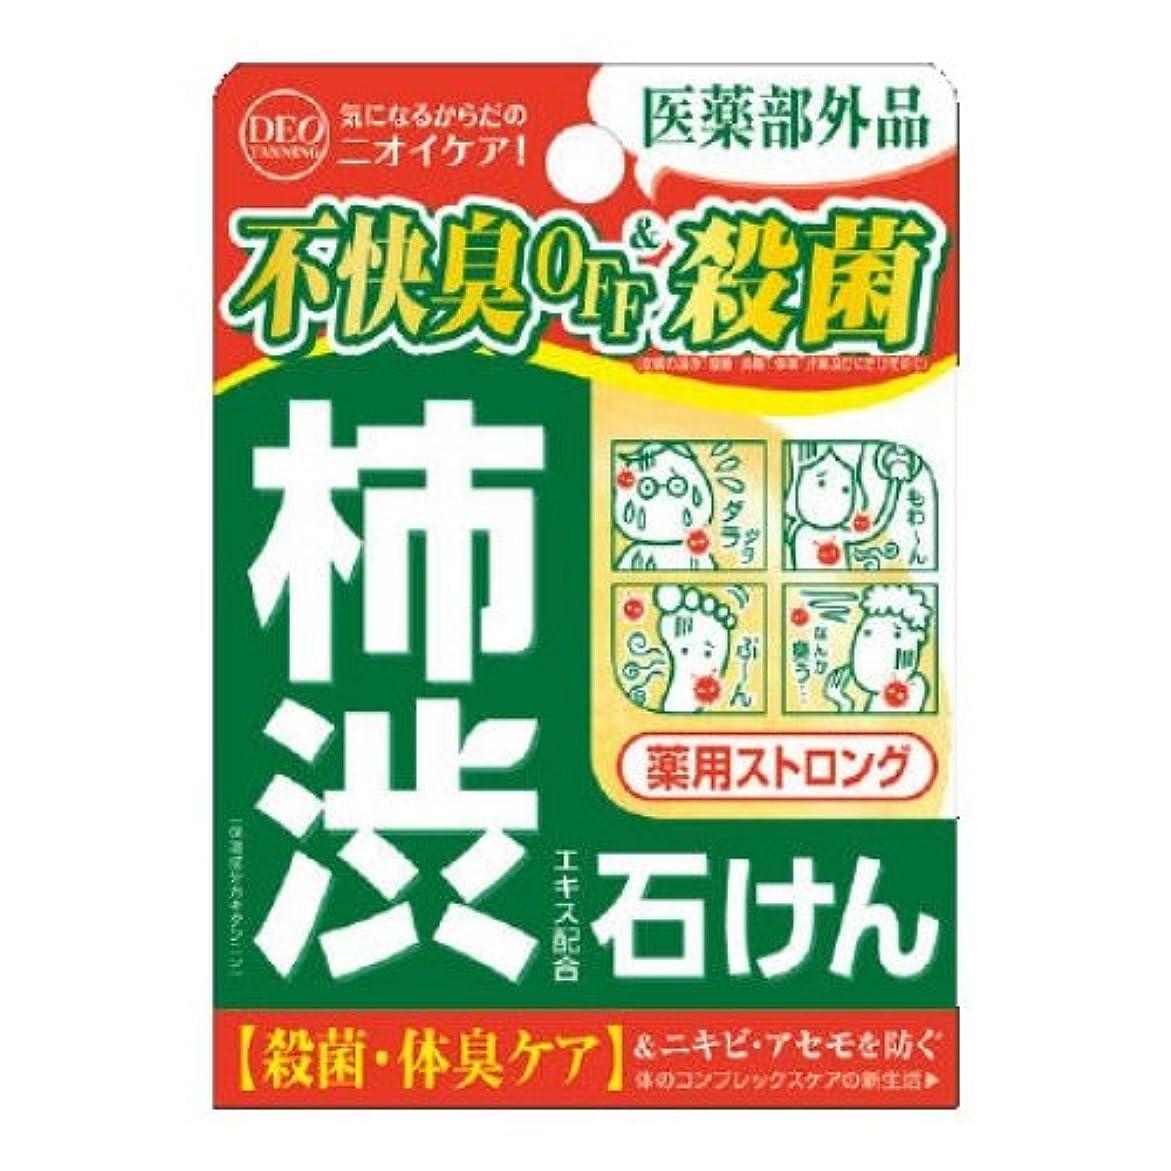 文明システム博覧会デオタンニング 薬用ストロング ソープ 100g (医薬部外品)